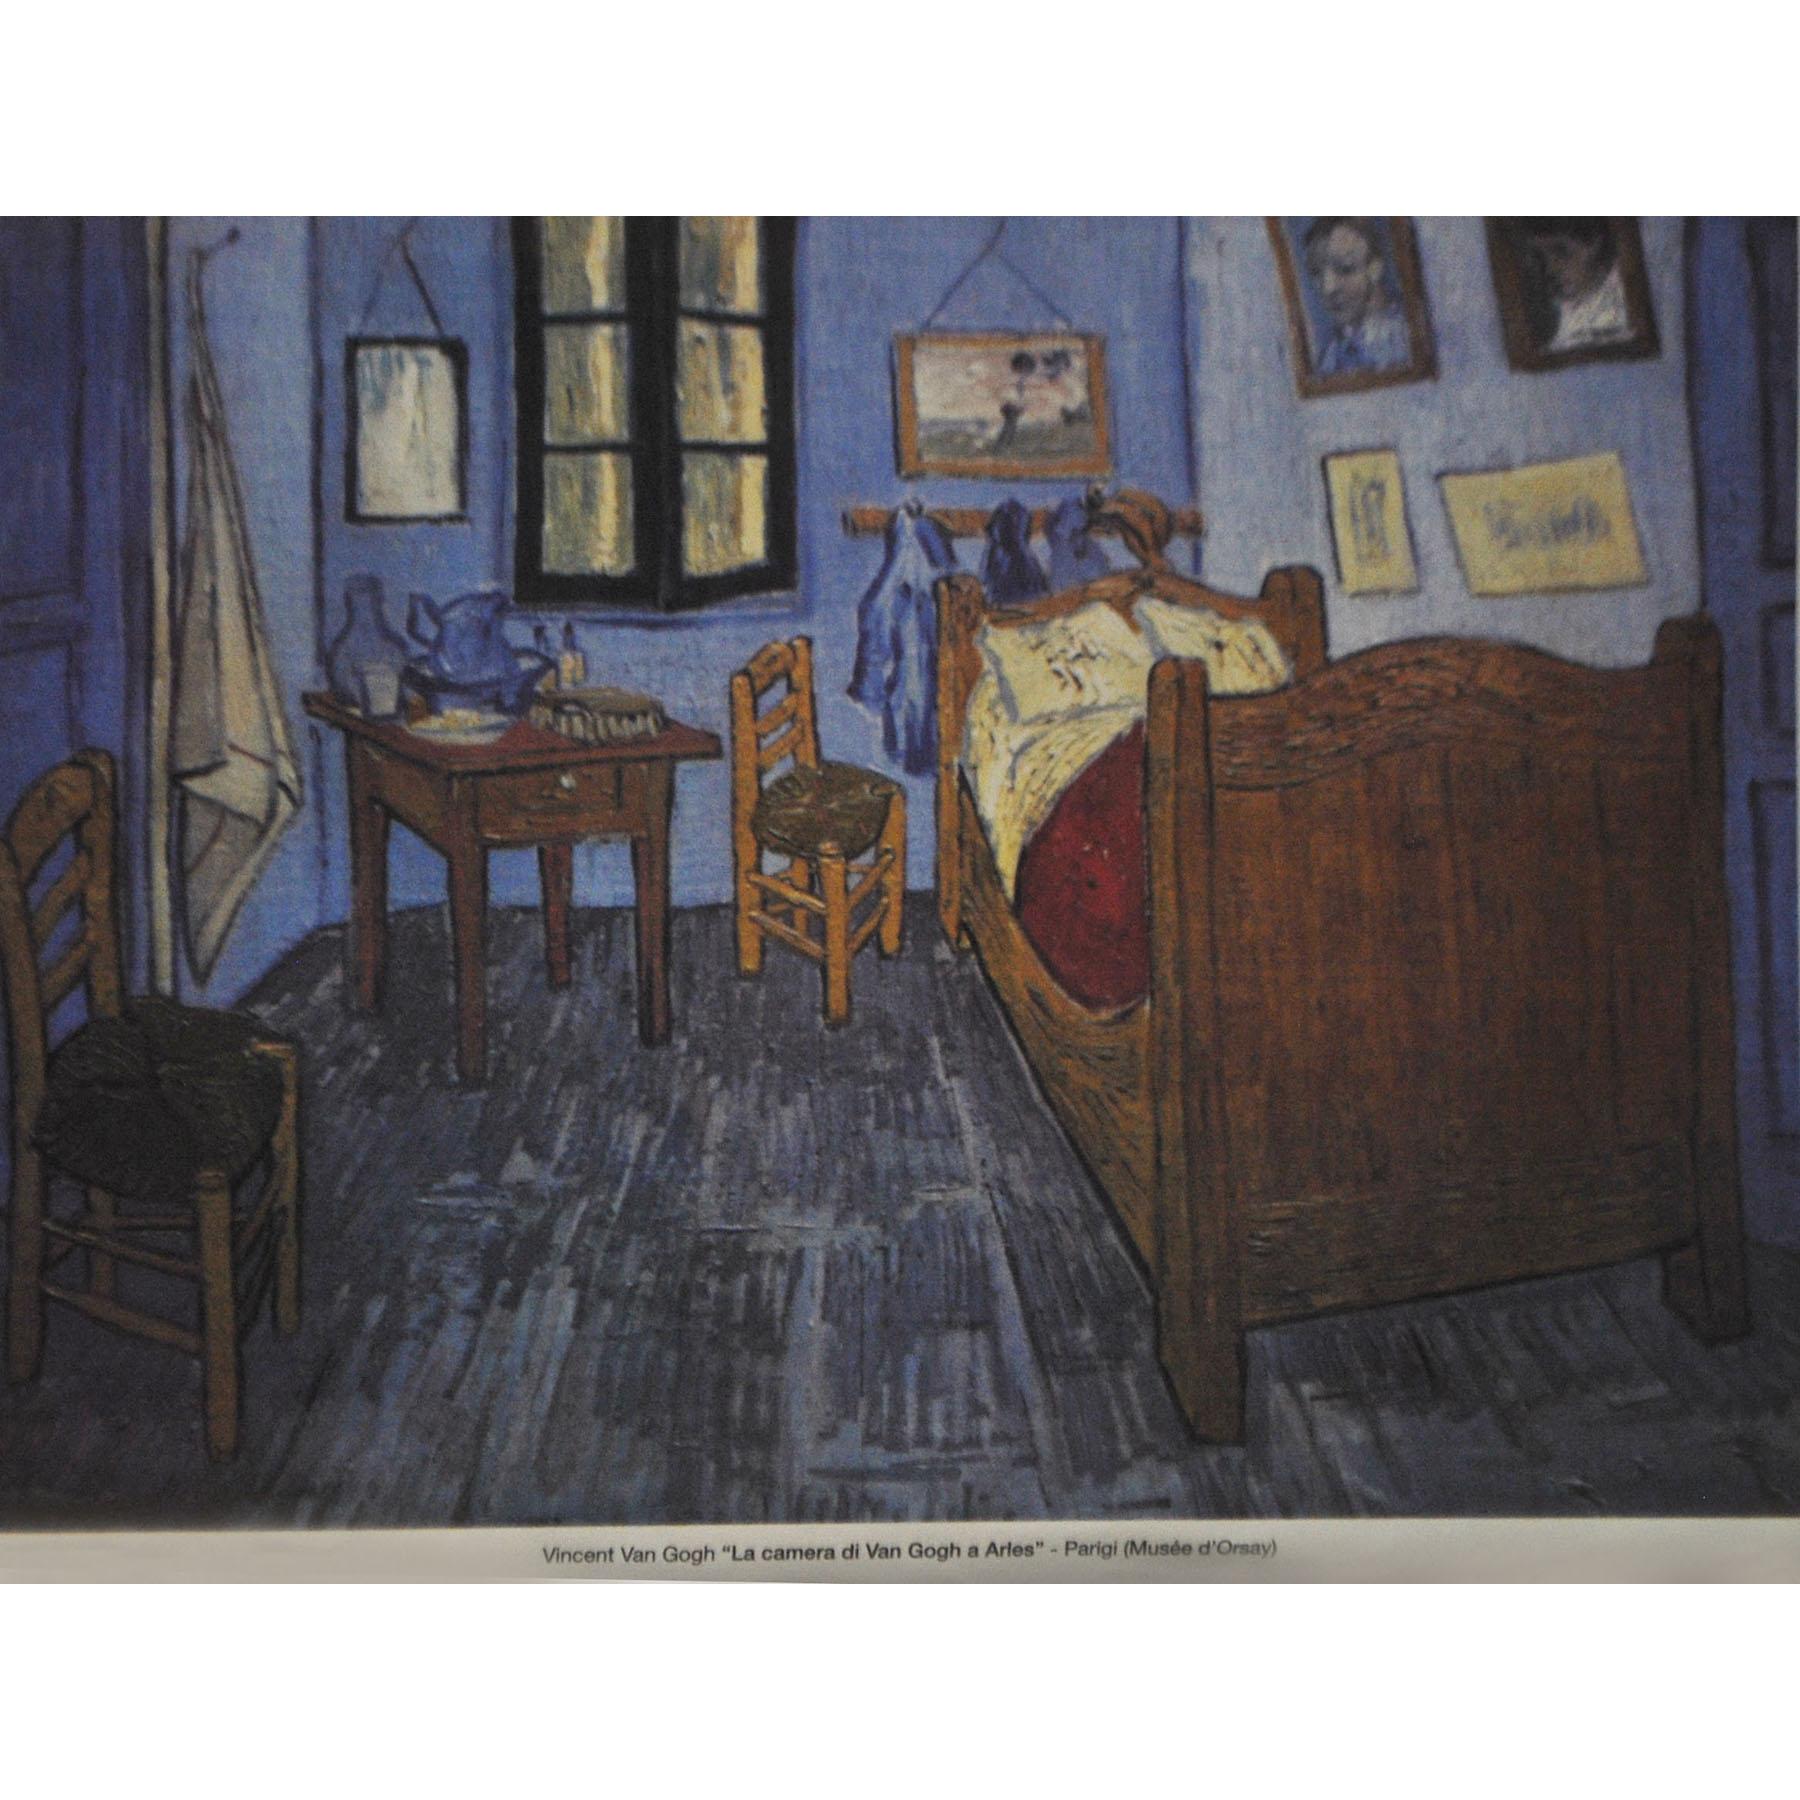 Maler Panneaux 130 x 94 cm - La camera di Van Gogh a Aries